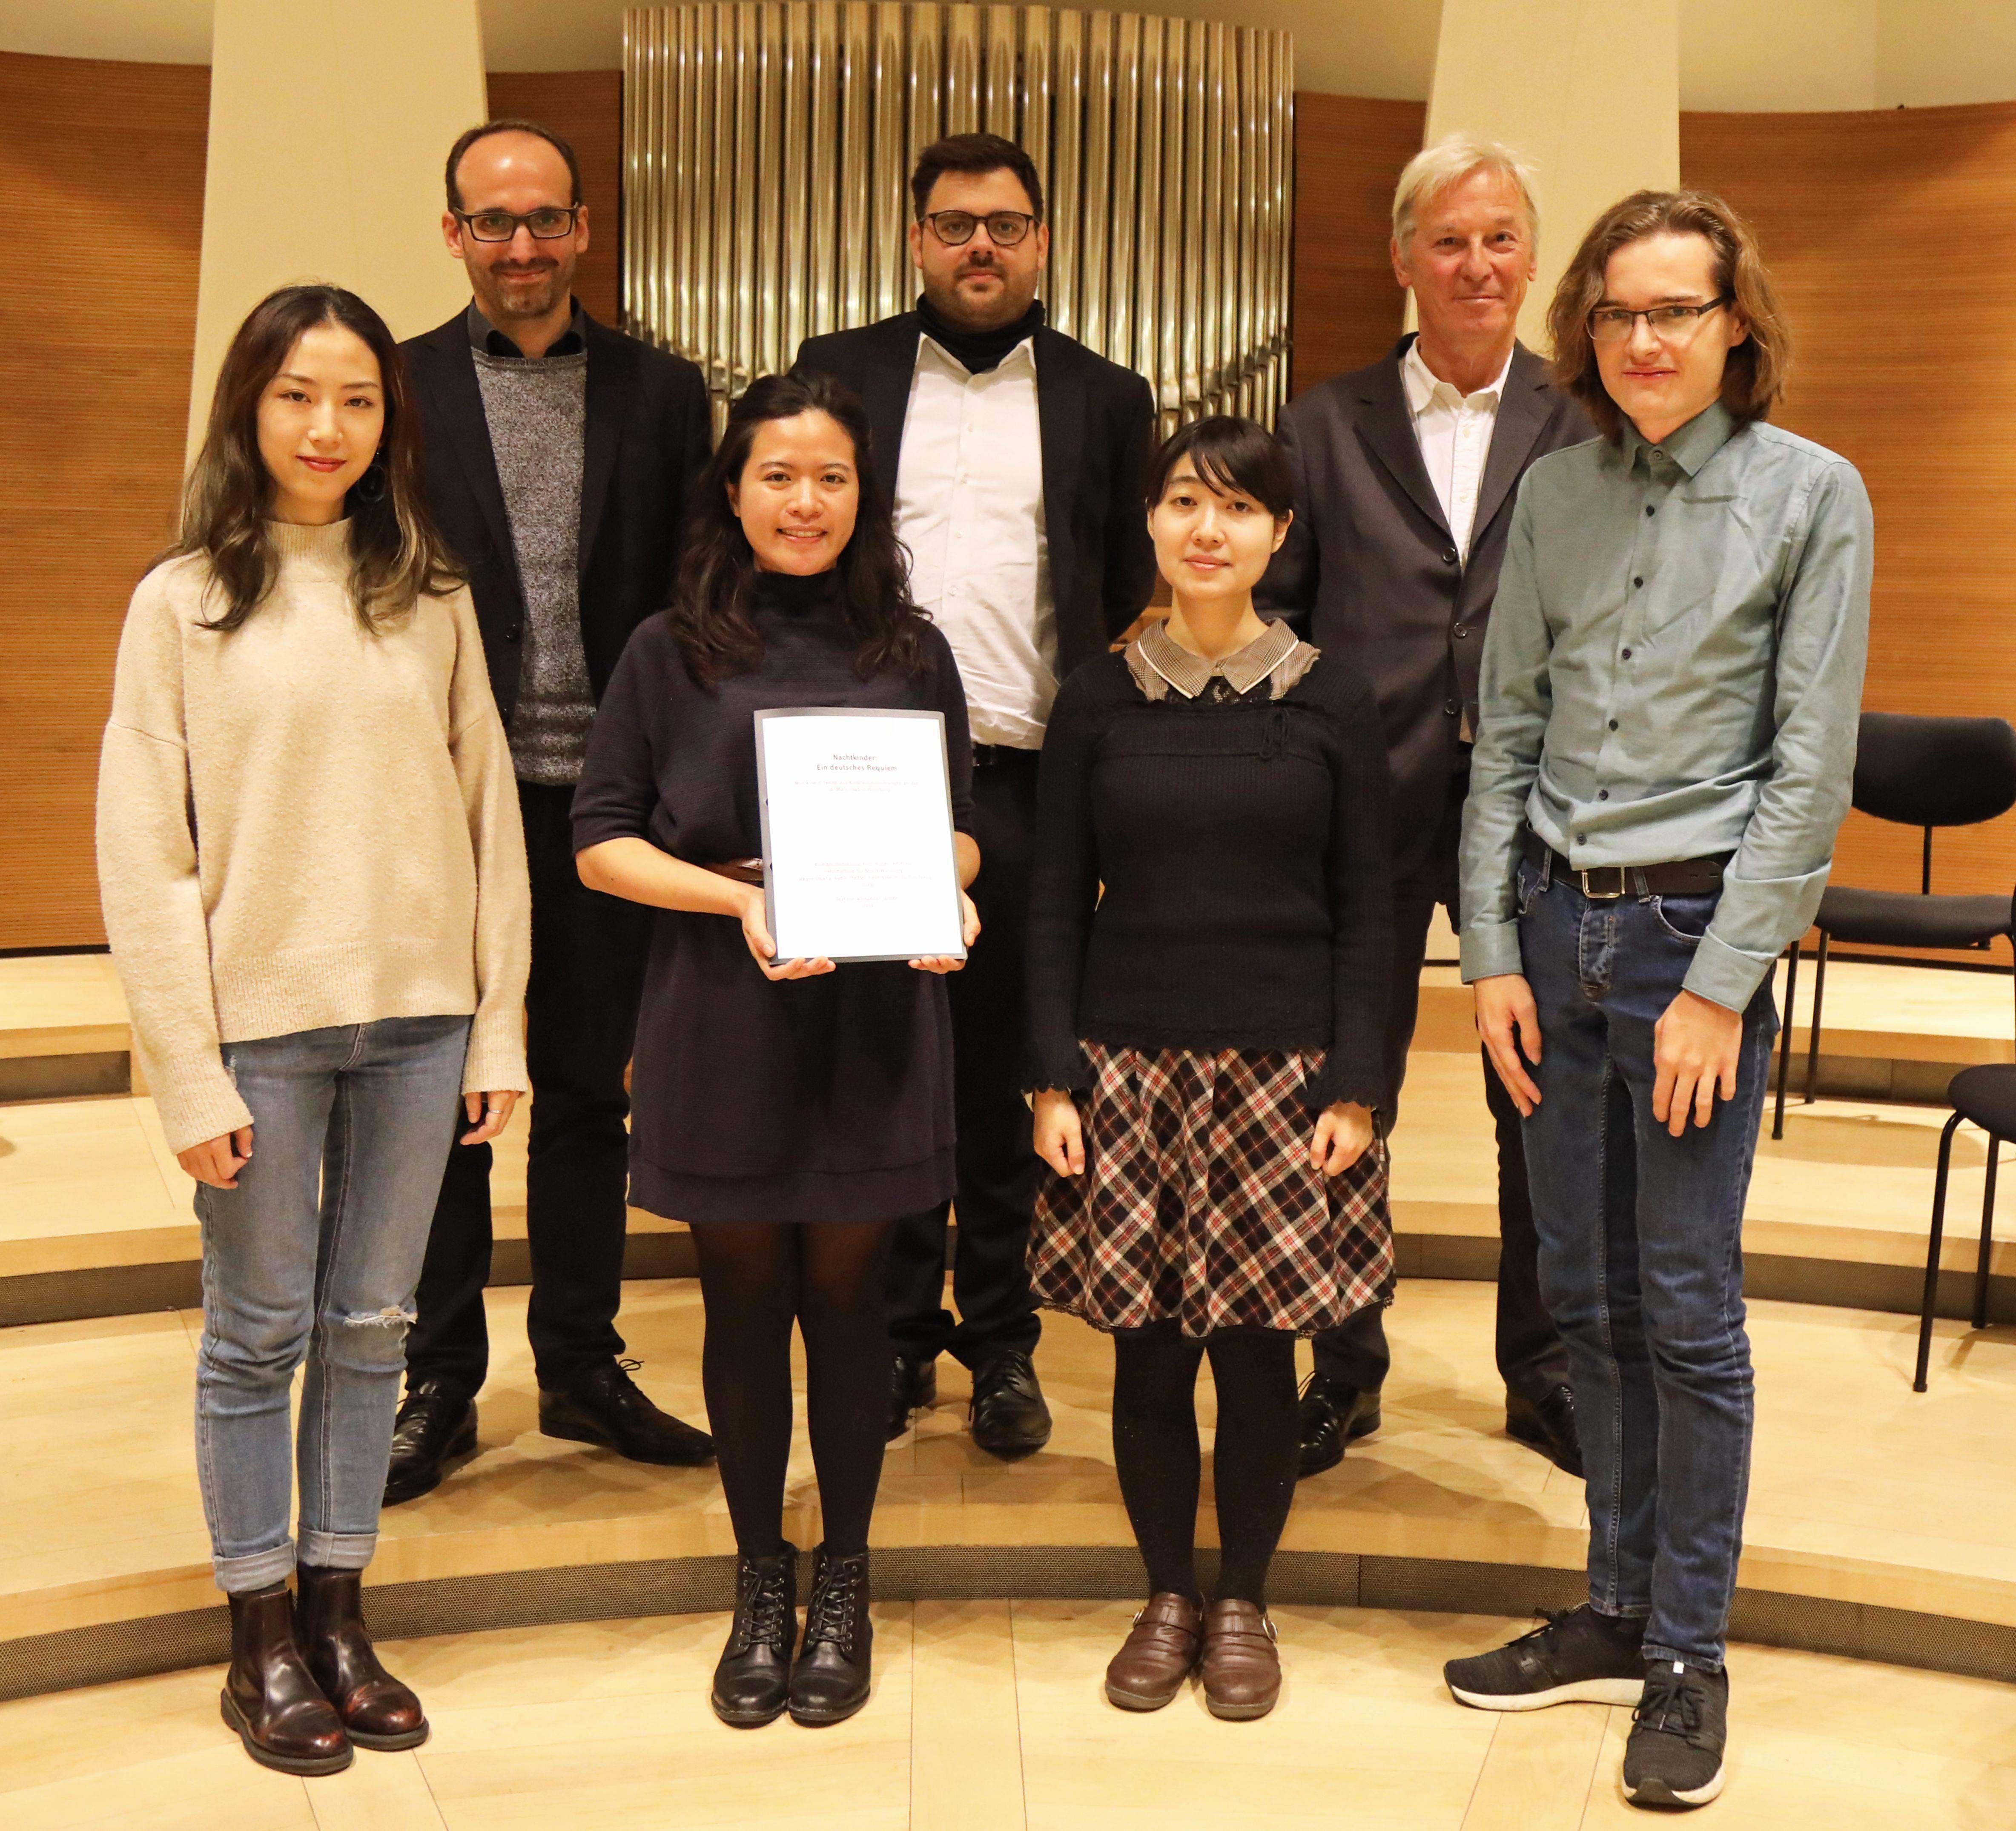 Komponist Robert Platz (Zweiter von rechts) und Domkapellmeister Christian Schmid zusammen mit den jungen Komponisten.